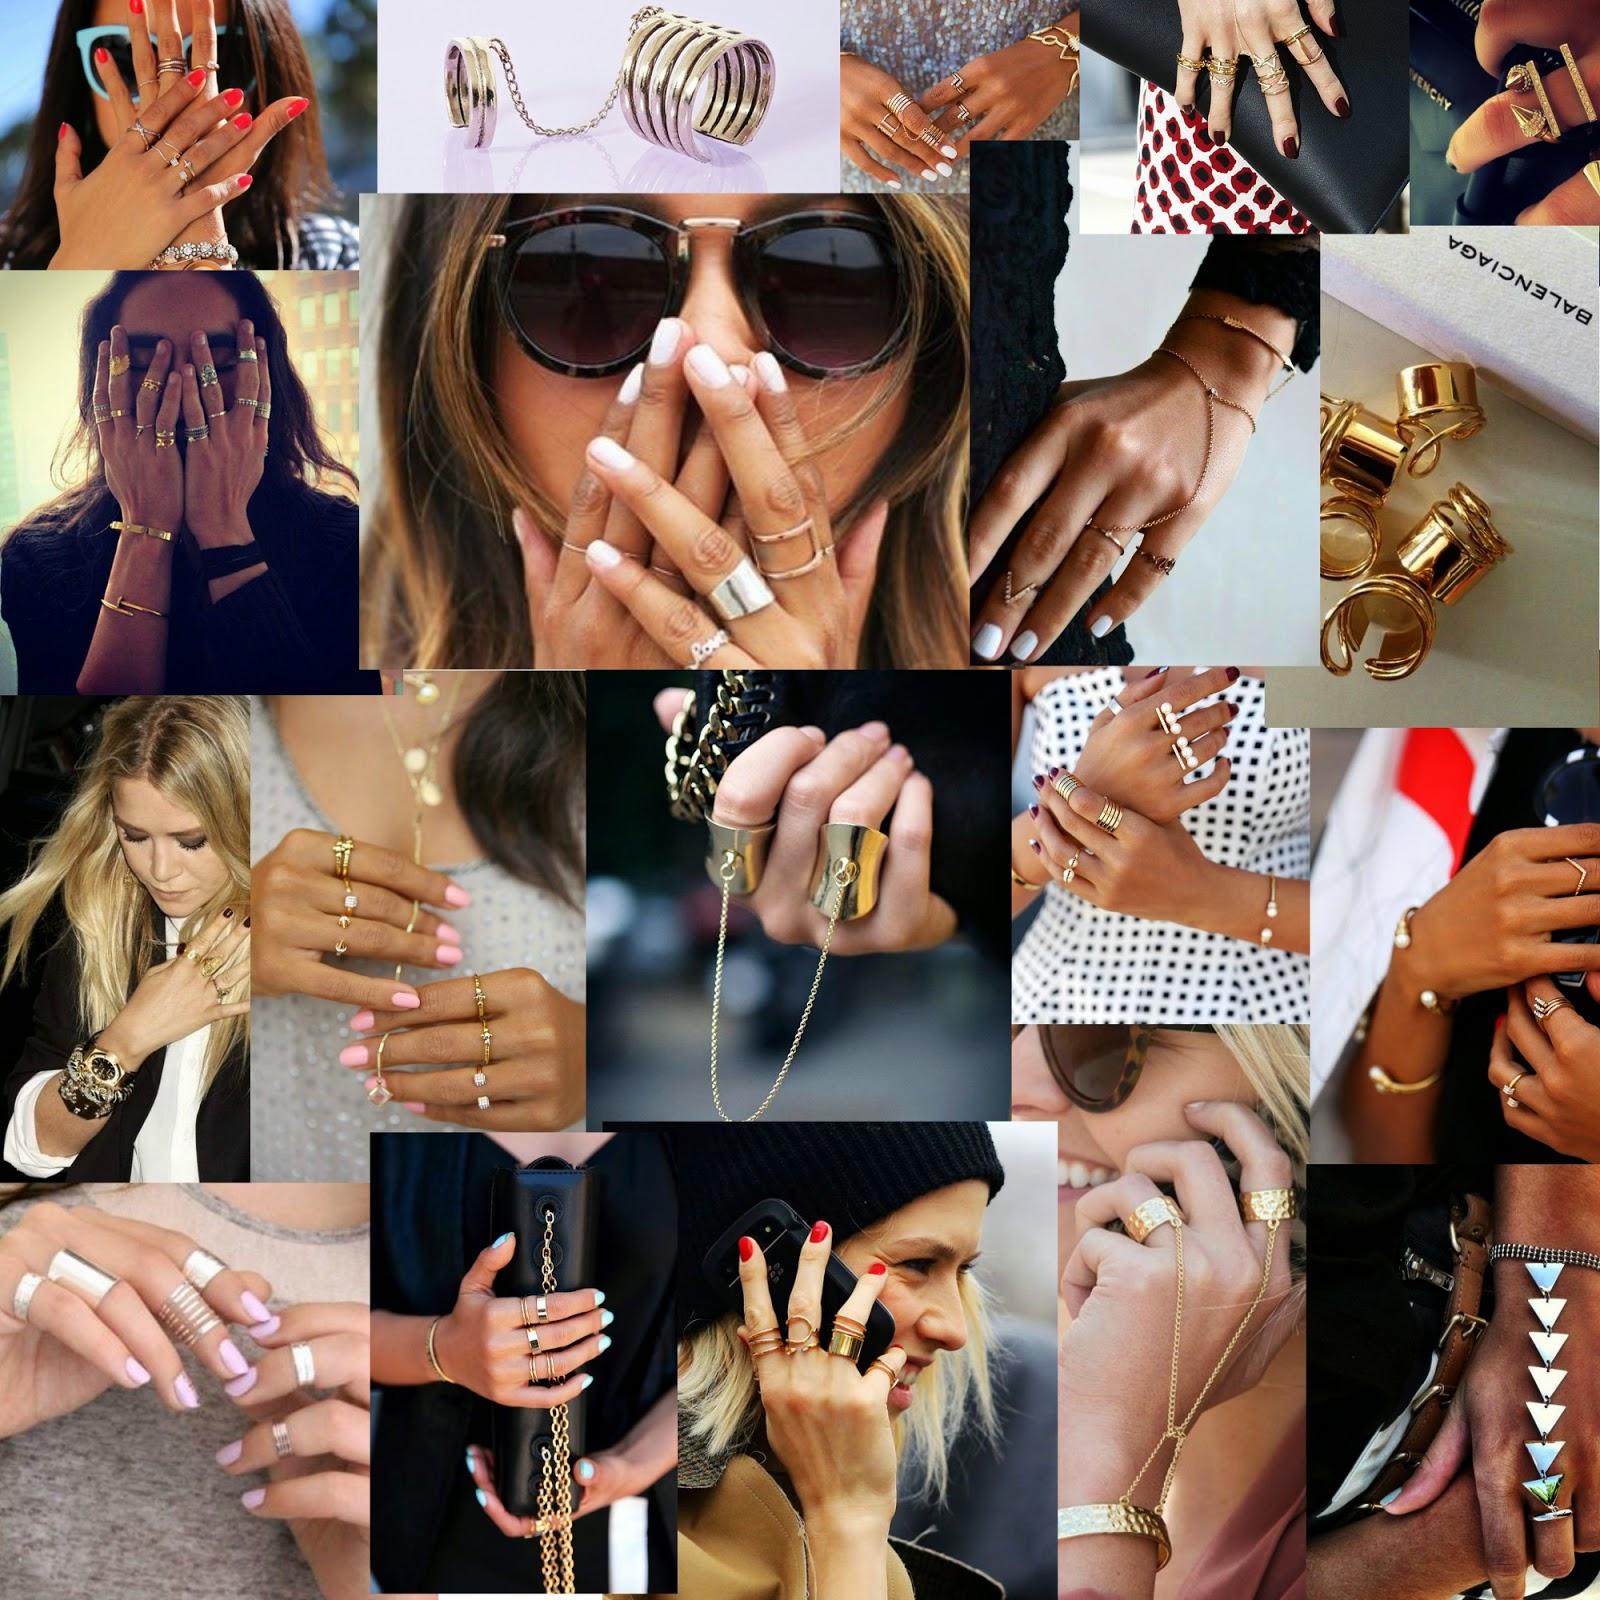 Dedos llenos de anillos. Pack anillos. Dedos falanges. Anillos múltiples. Anillos en todos los tamaños. Anillos para todos los dedos. Anillos para las uñas